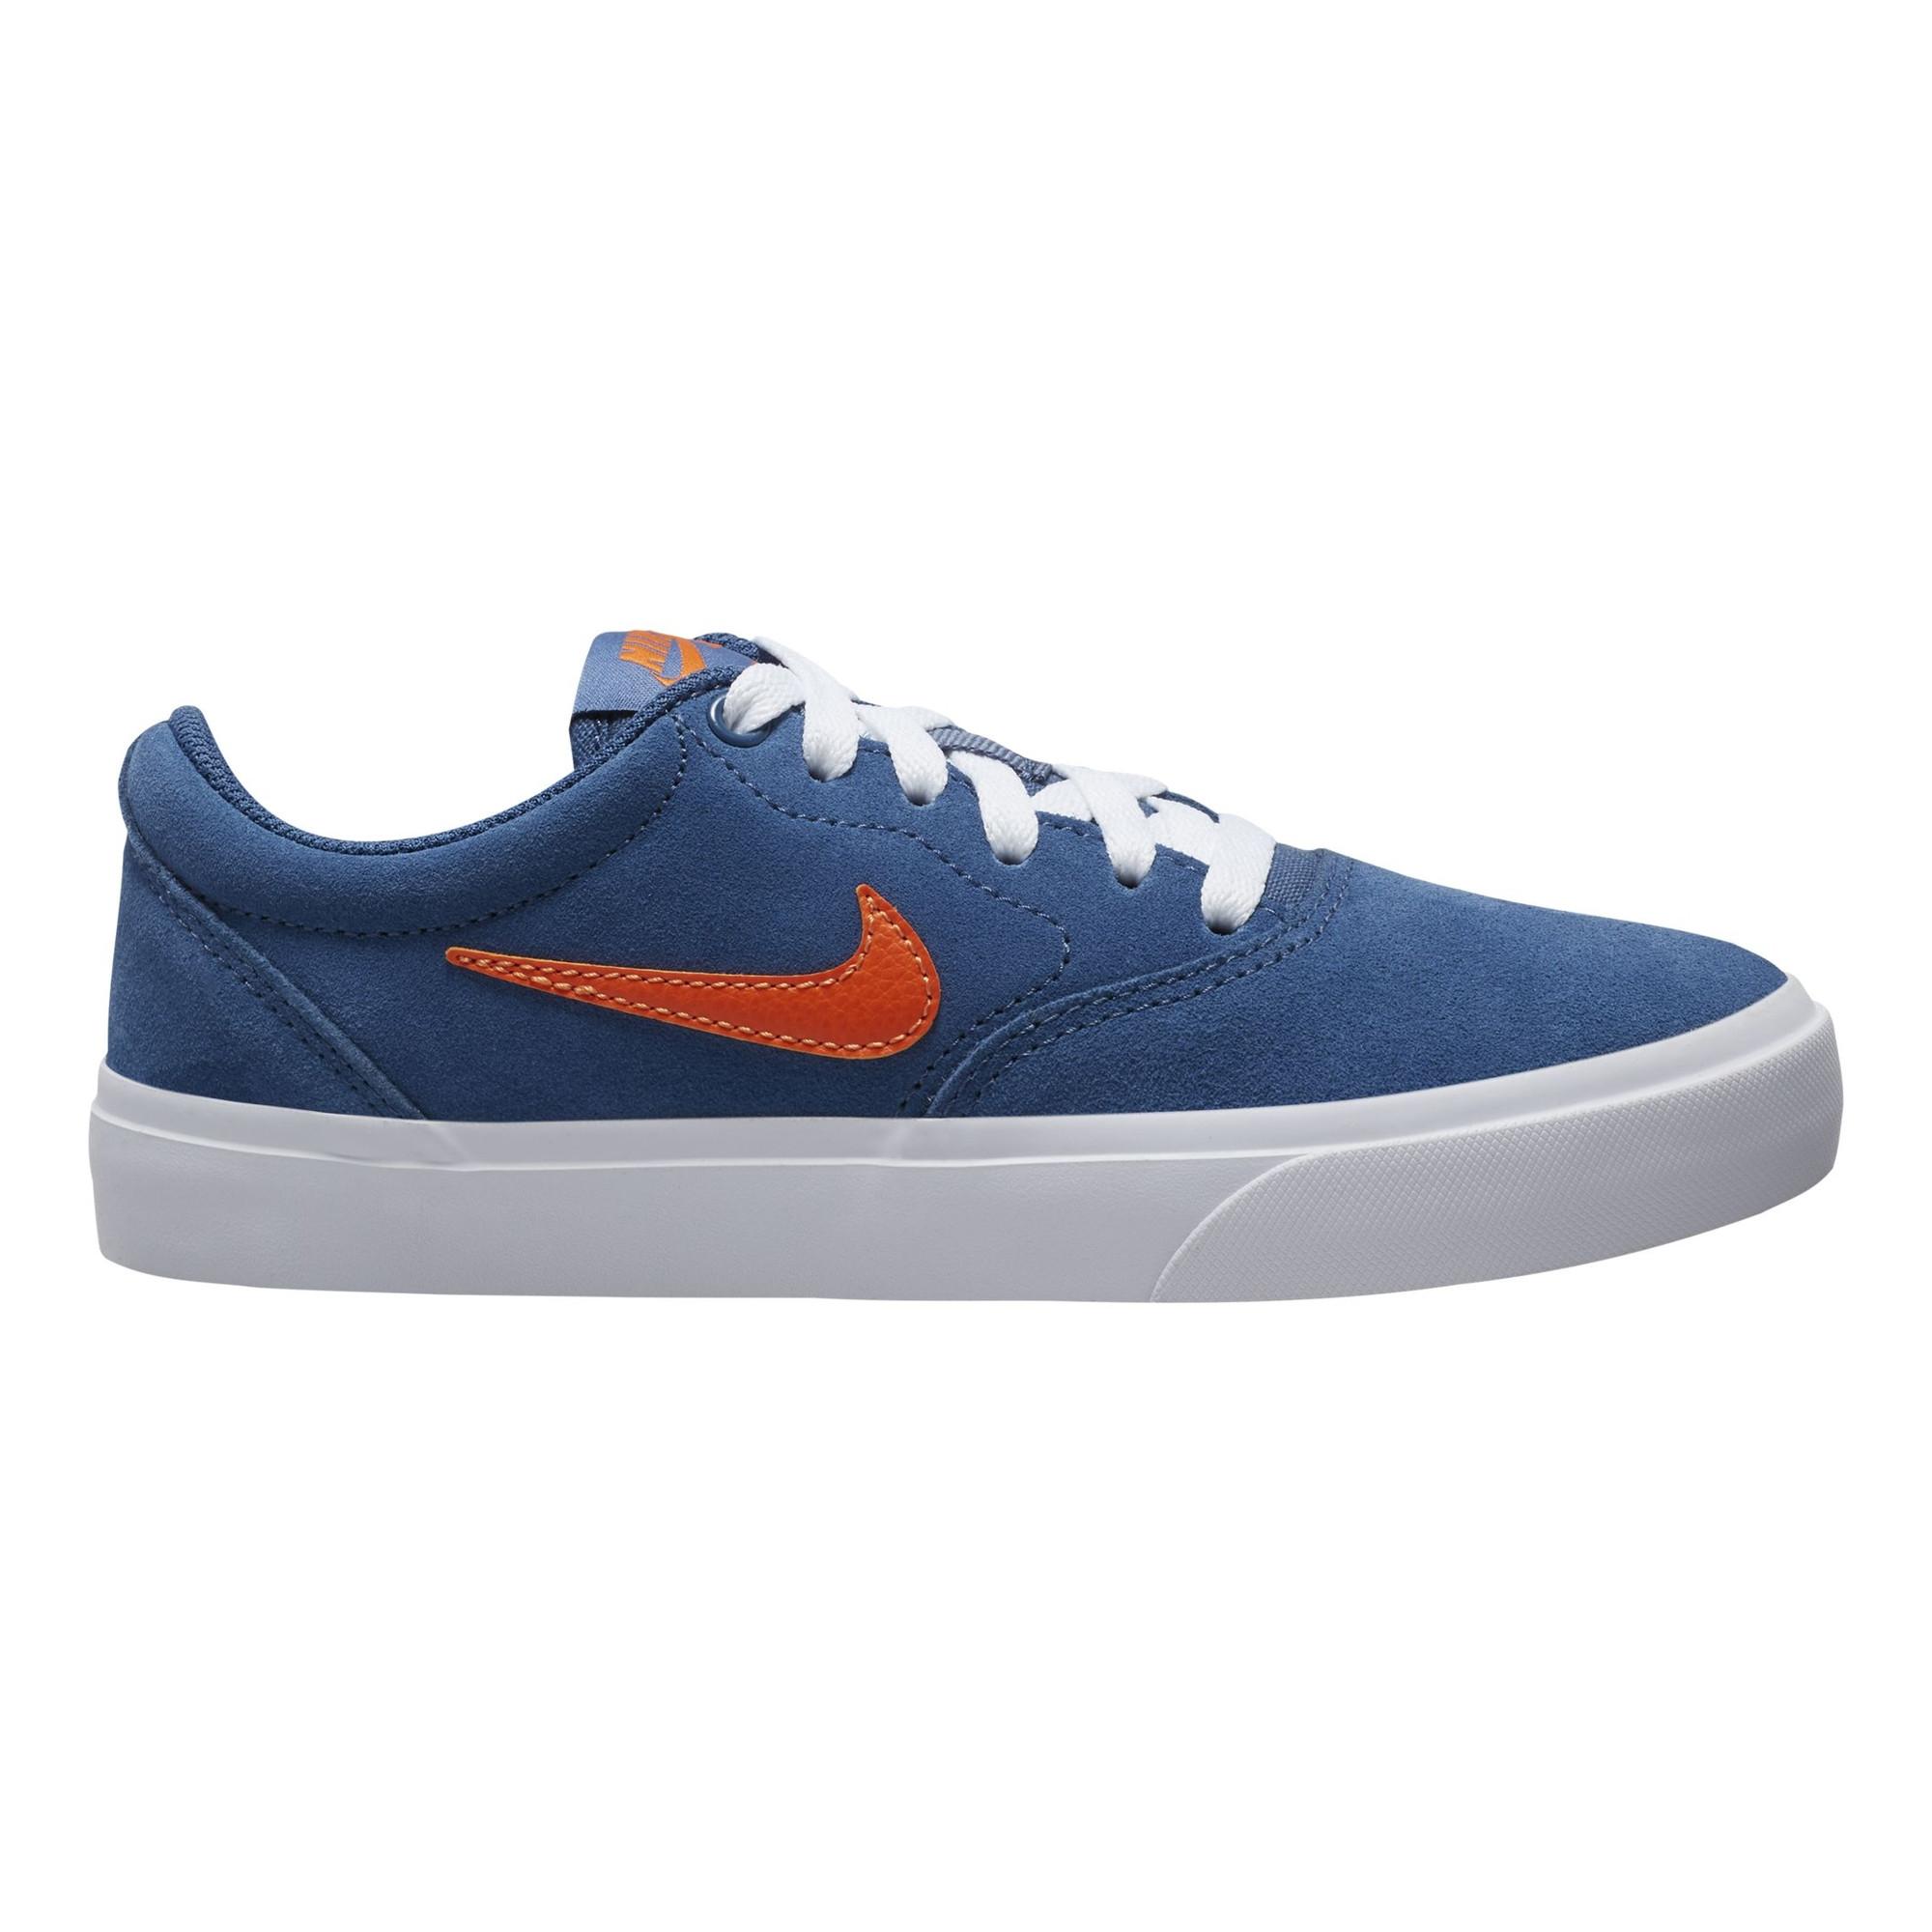 NIKE Nike Sb Charge Suede (gs) - Suffern